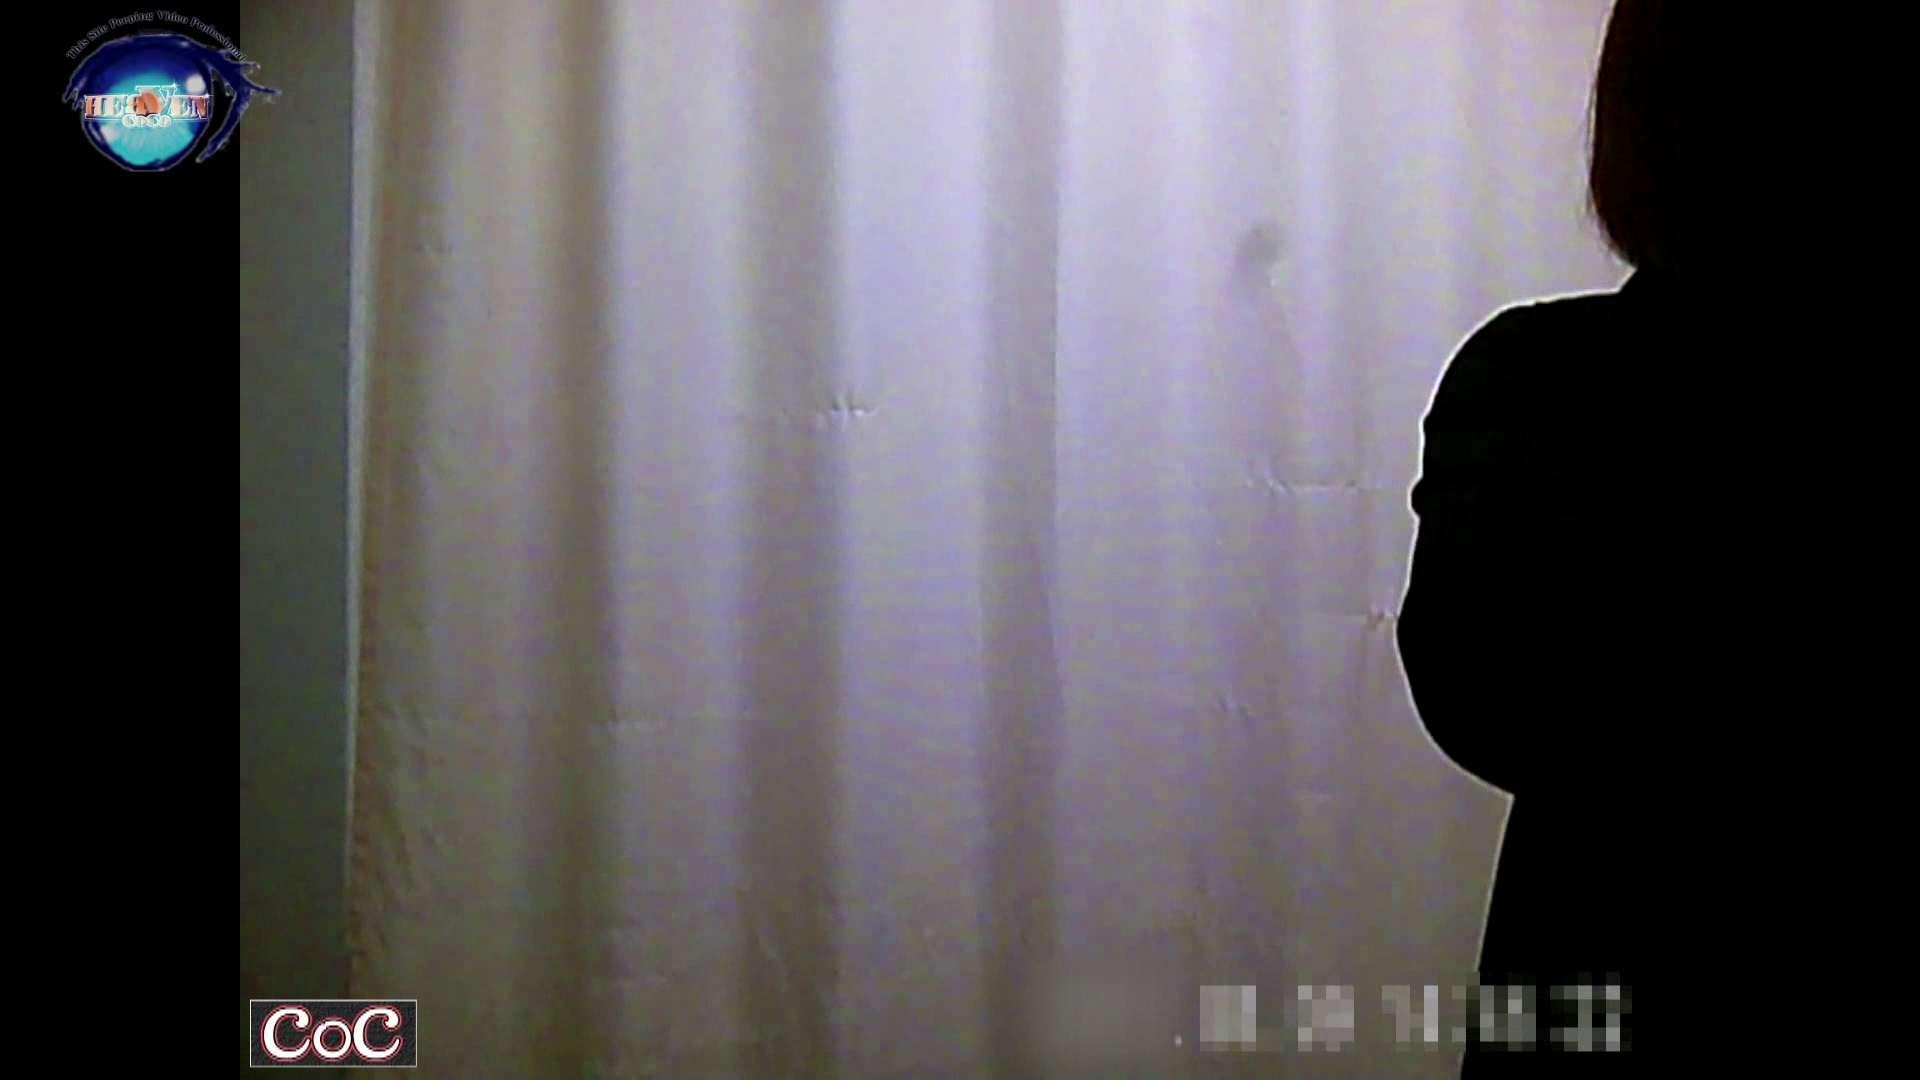 激ヤバ健康診断!着替えの一部始終.vol.13 ※本編ボカシ・目線無し ナースのエロ動画 のぞき 97PIX 20